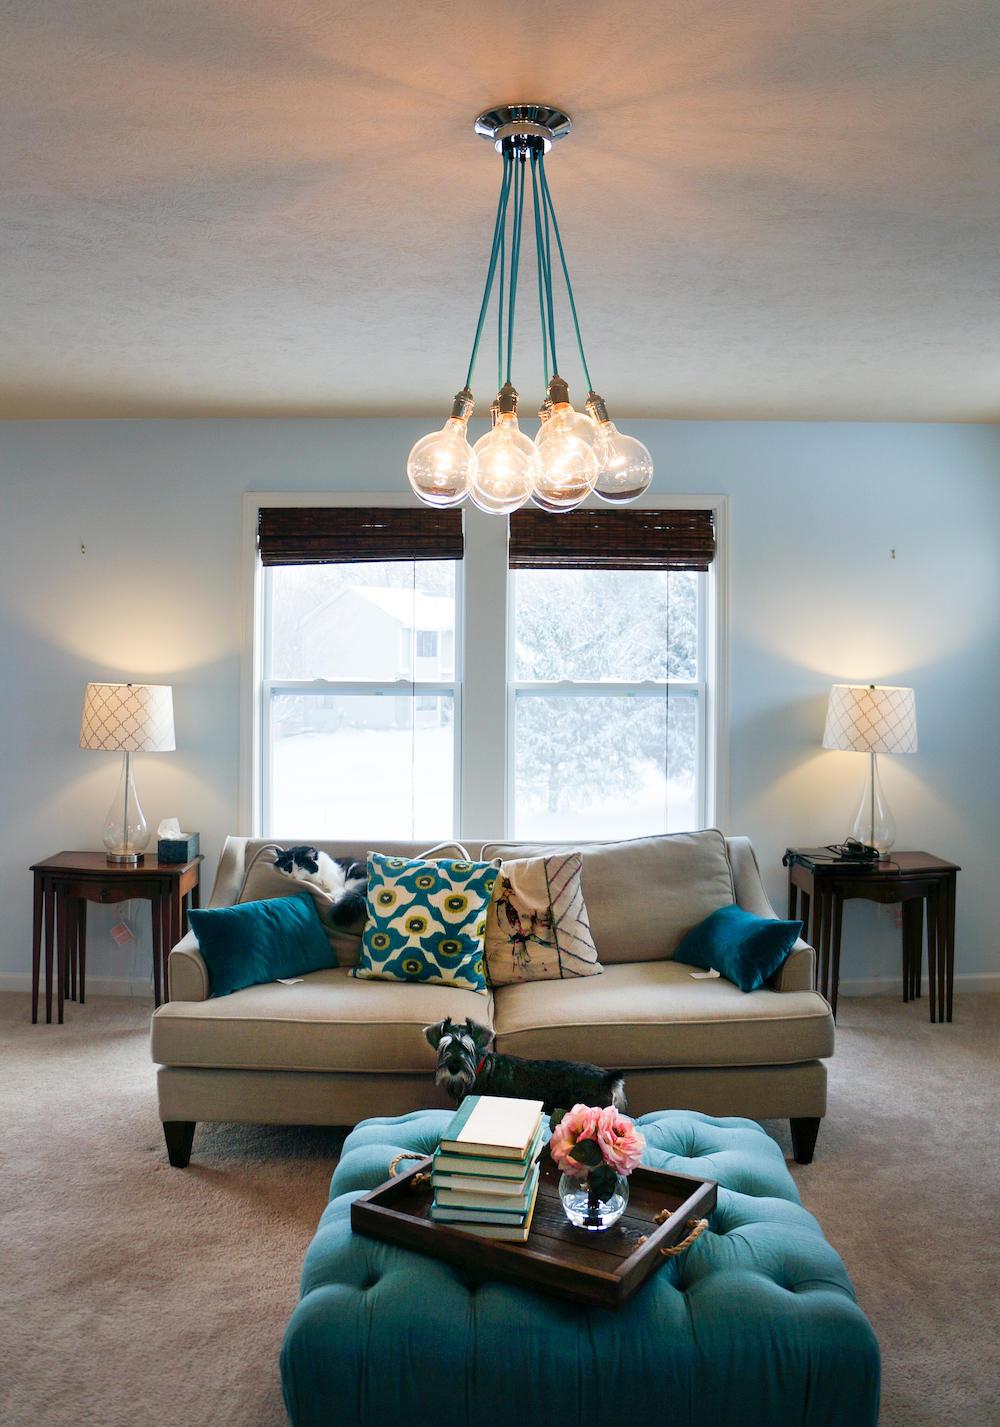 Wohnzimmer Kronleuchter benutzerdefinierte Farben und Längen